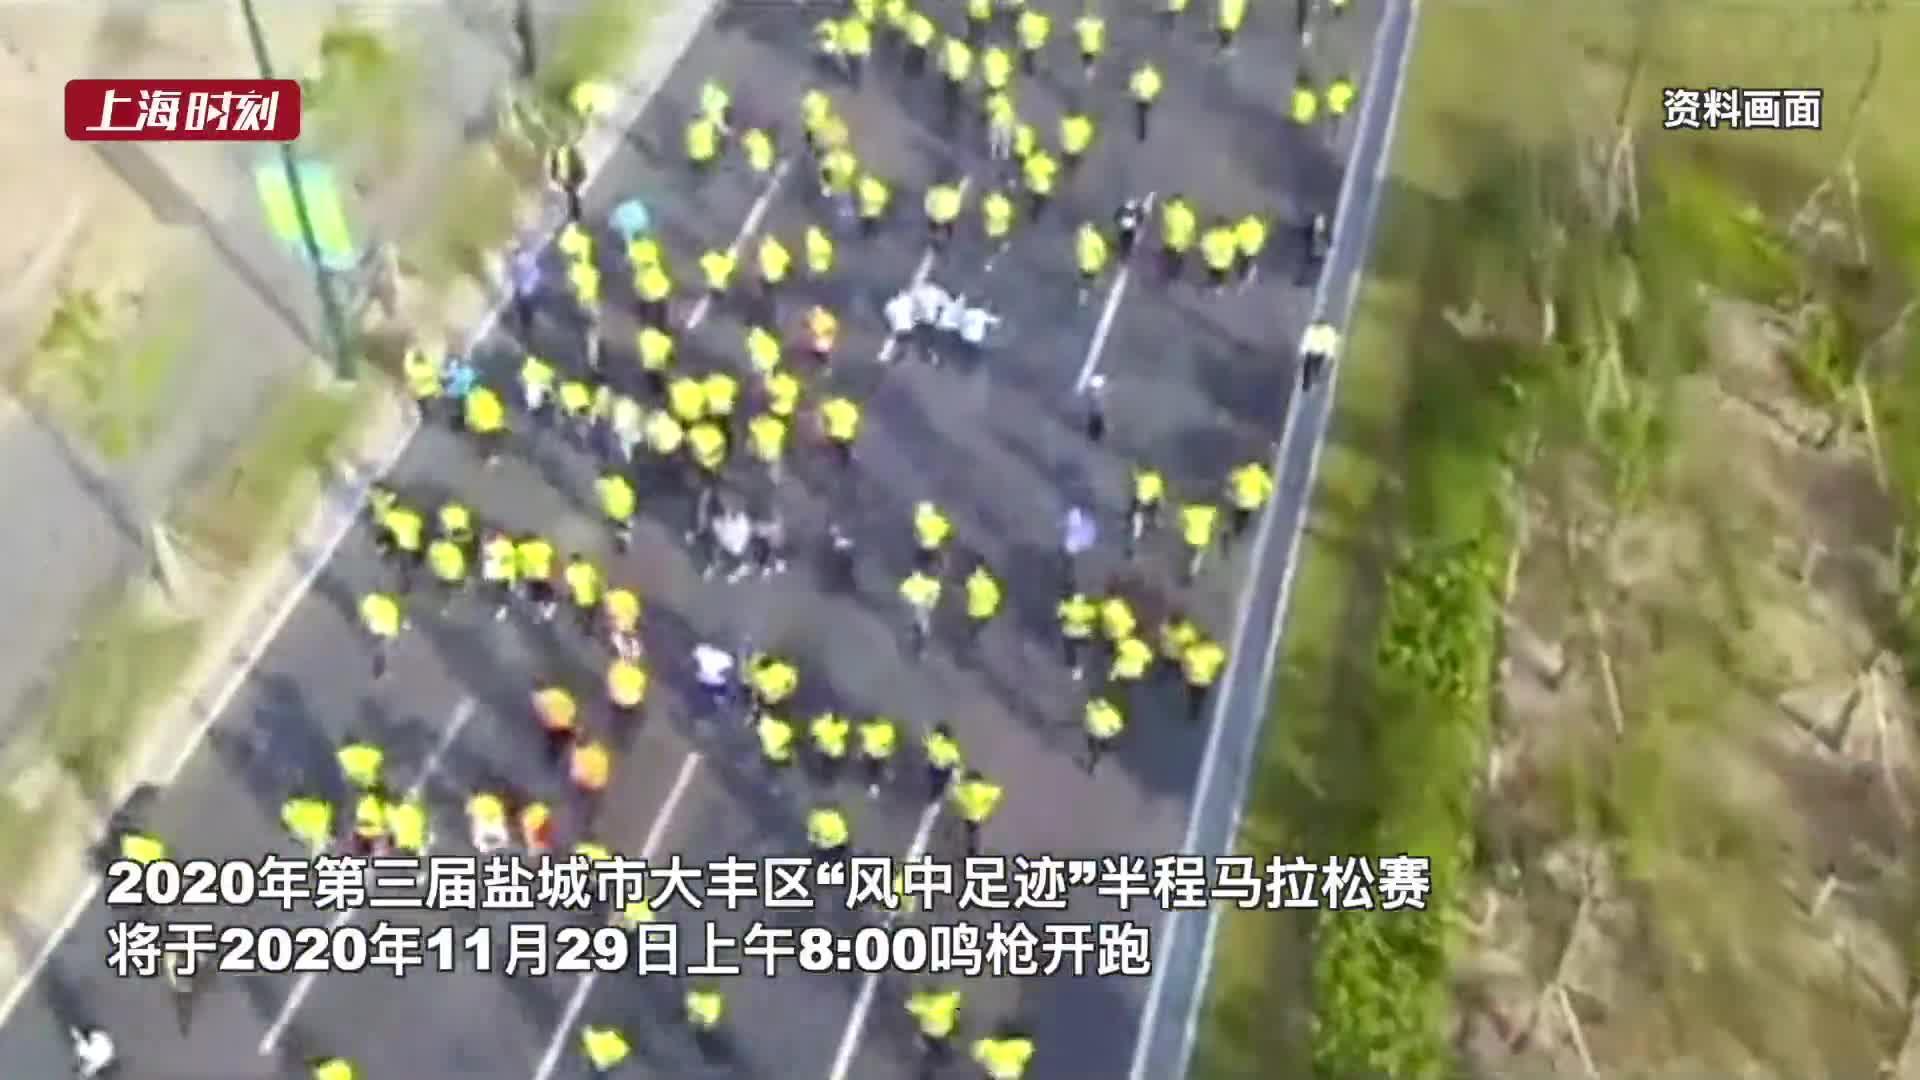 视频 风中足迹 江苏盐城大丰区半程马拉松赛明晨鸣枪开跑